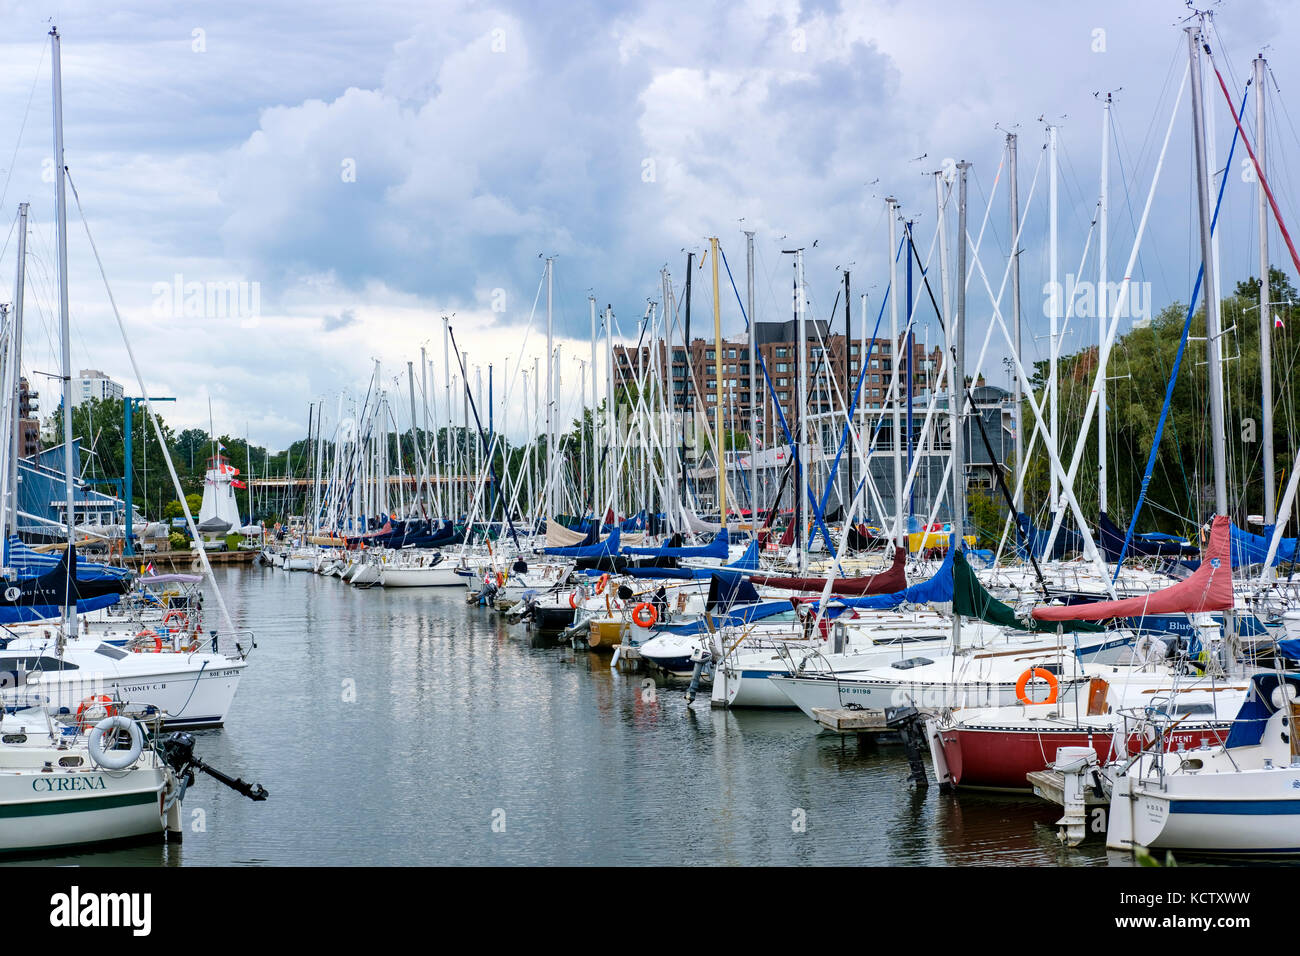 Oakville Marina with docked sailboats on Sixteen Mile Creek, Tannery Park, Oakville, Ontario, Canada. Stock Photo